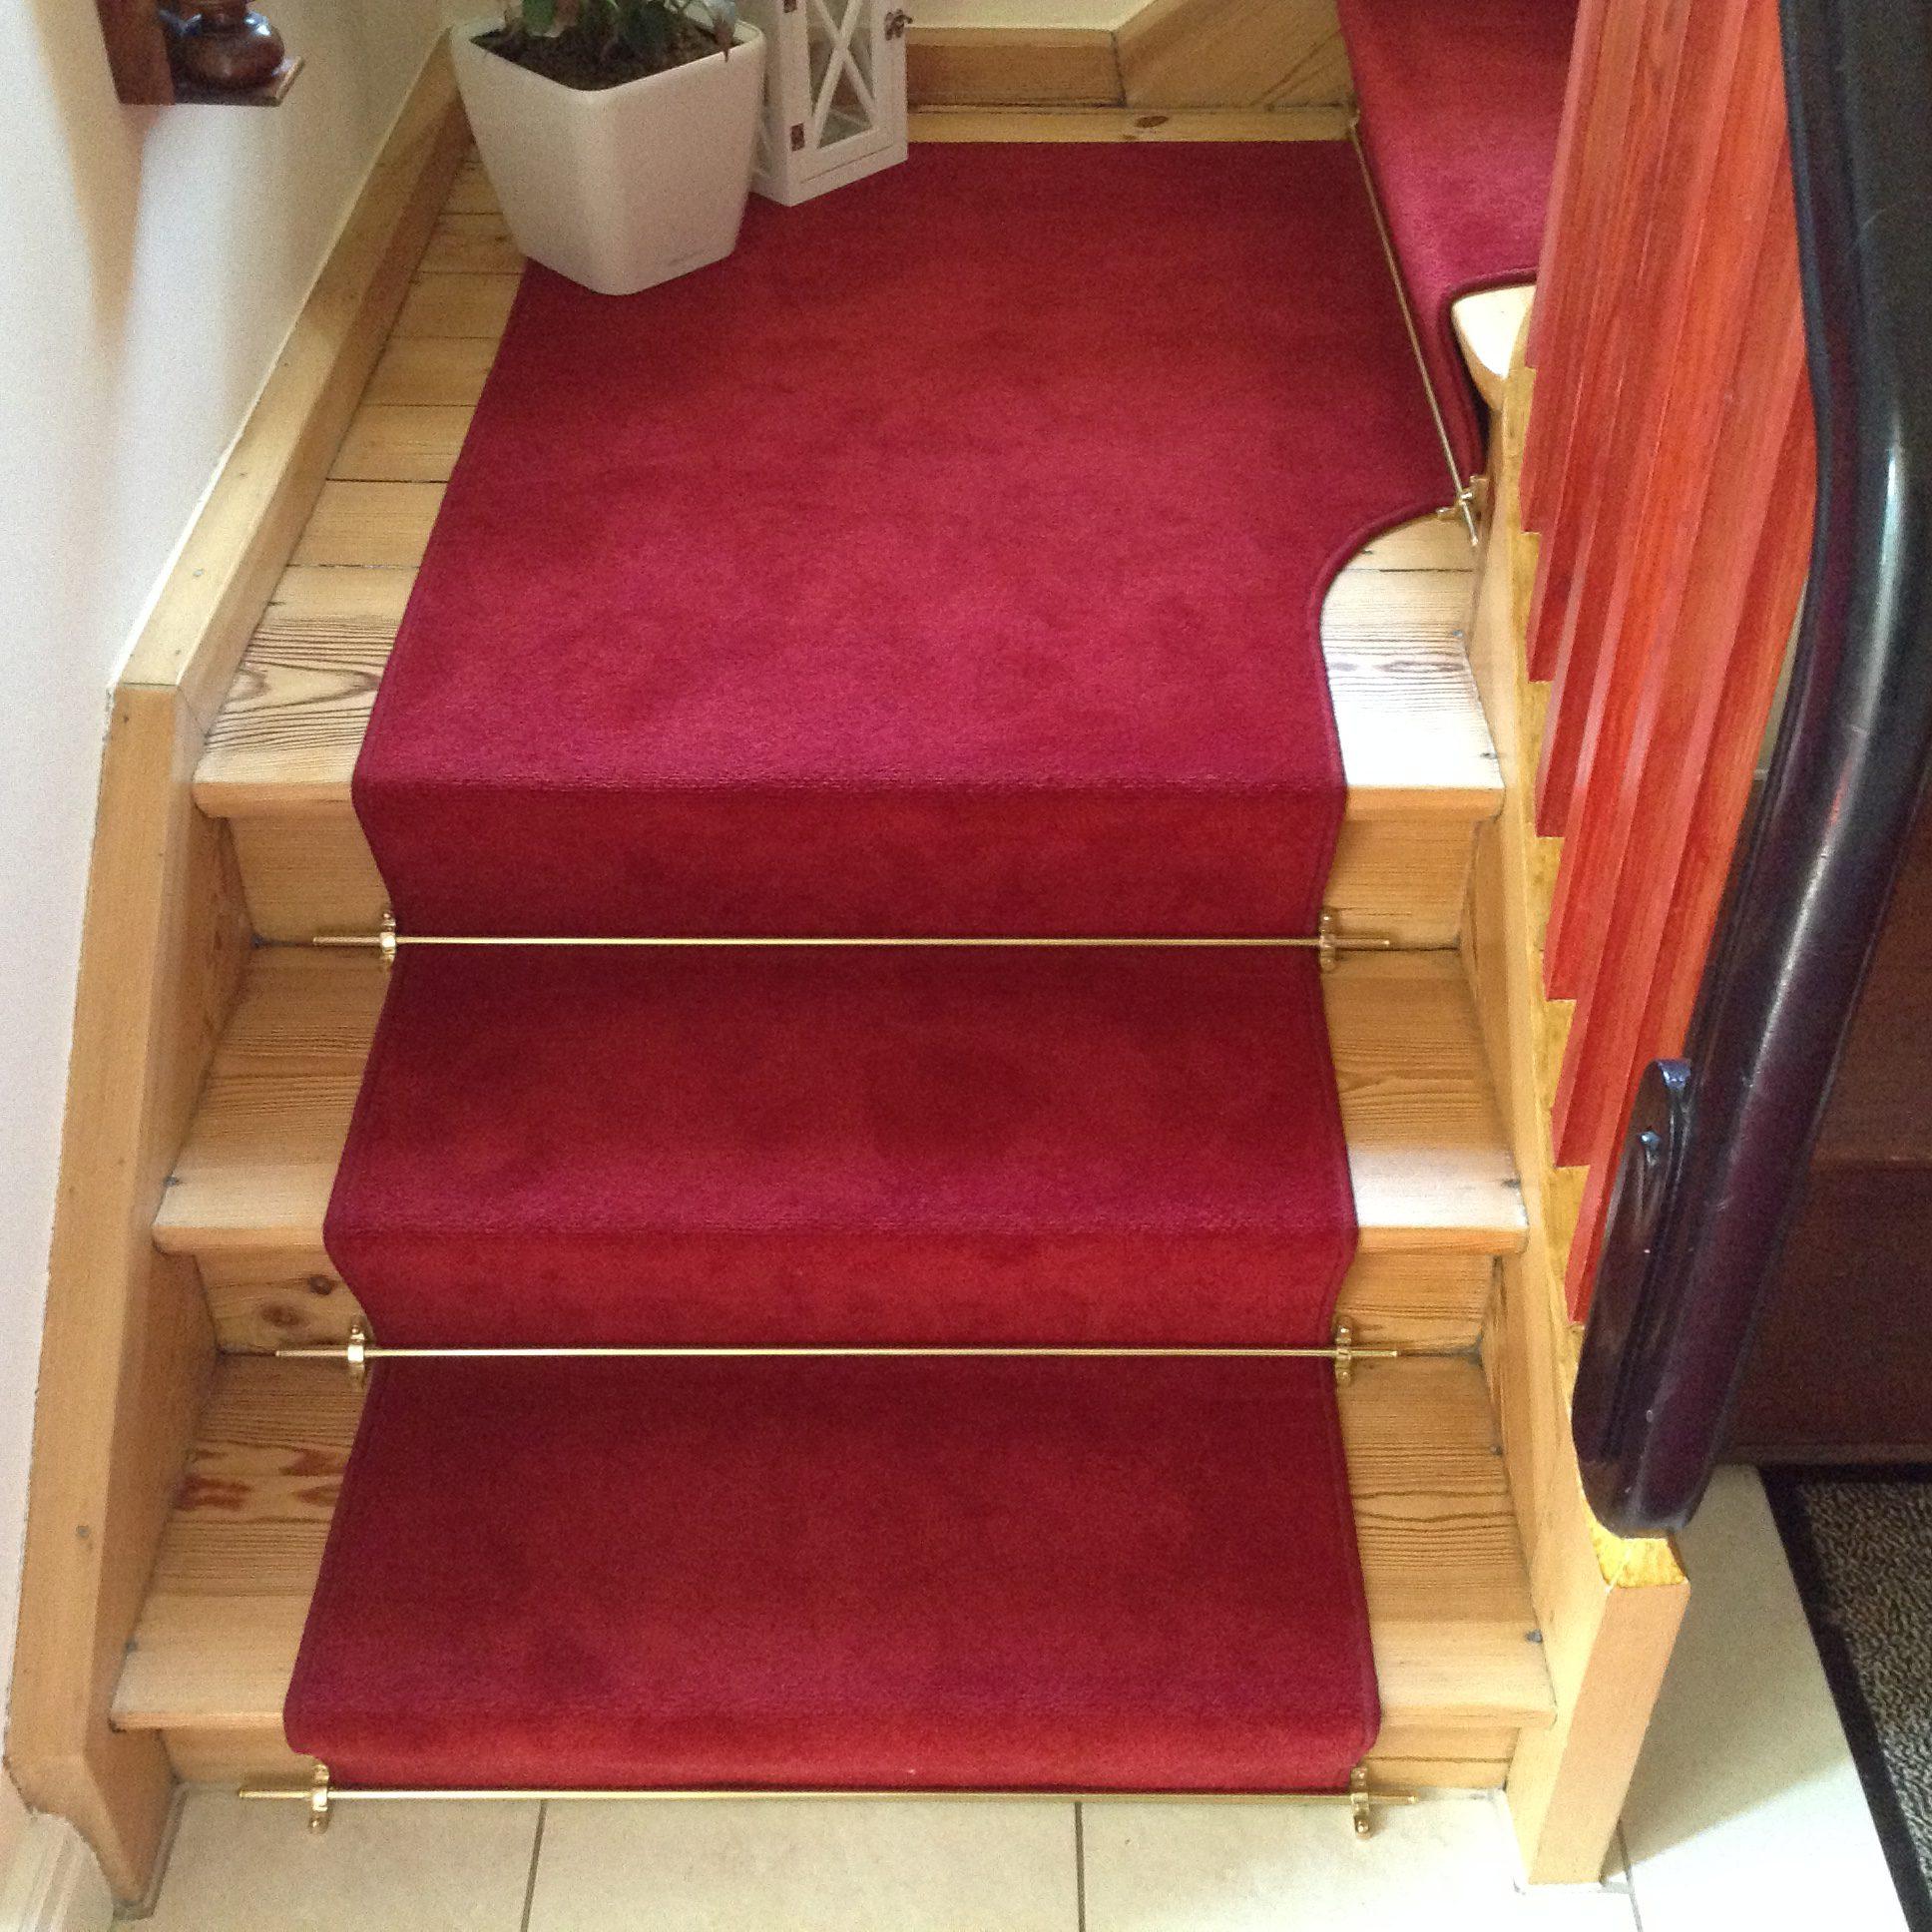 Podest & Stufen durchgehend aus einem Stück verlegt